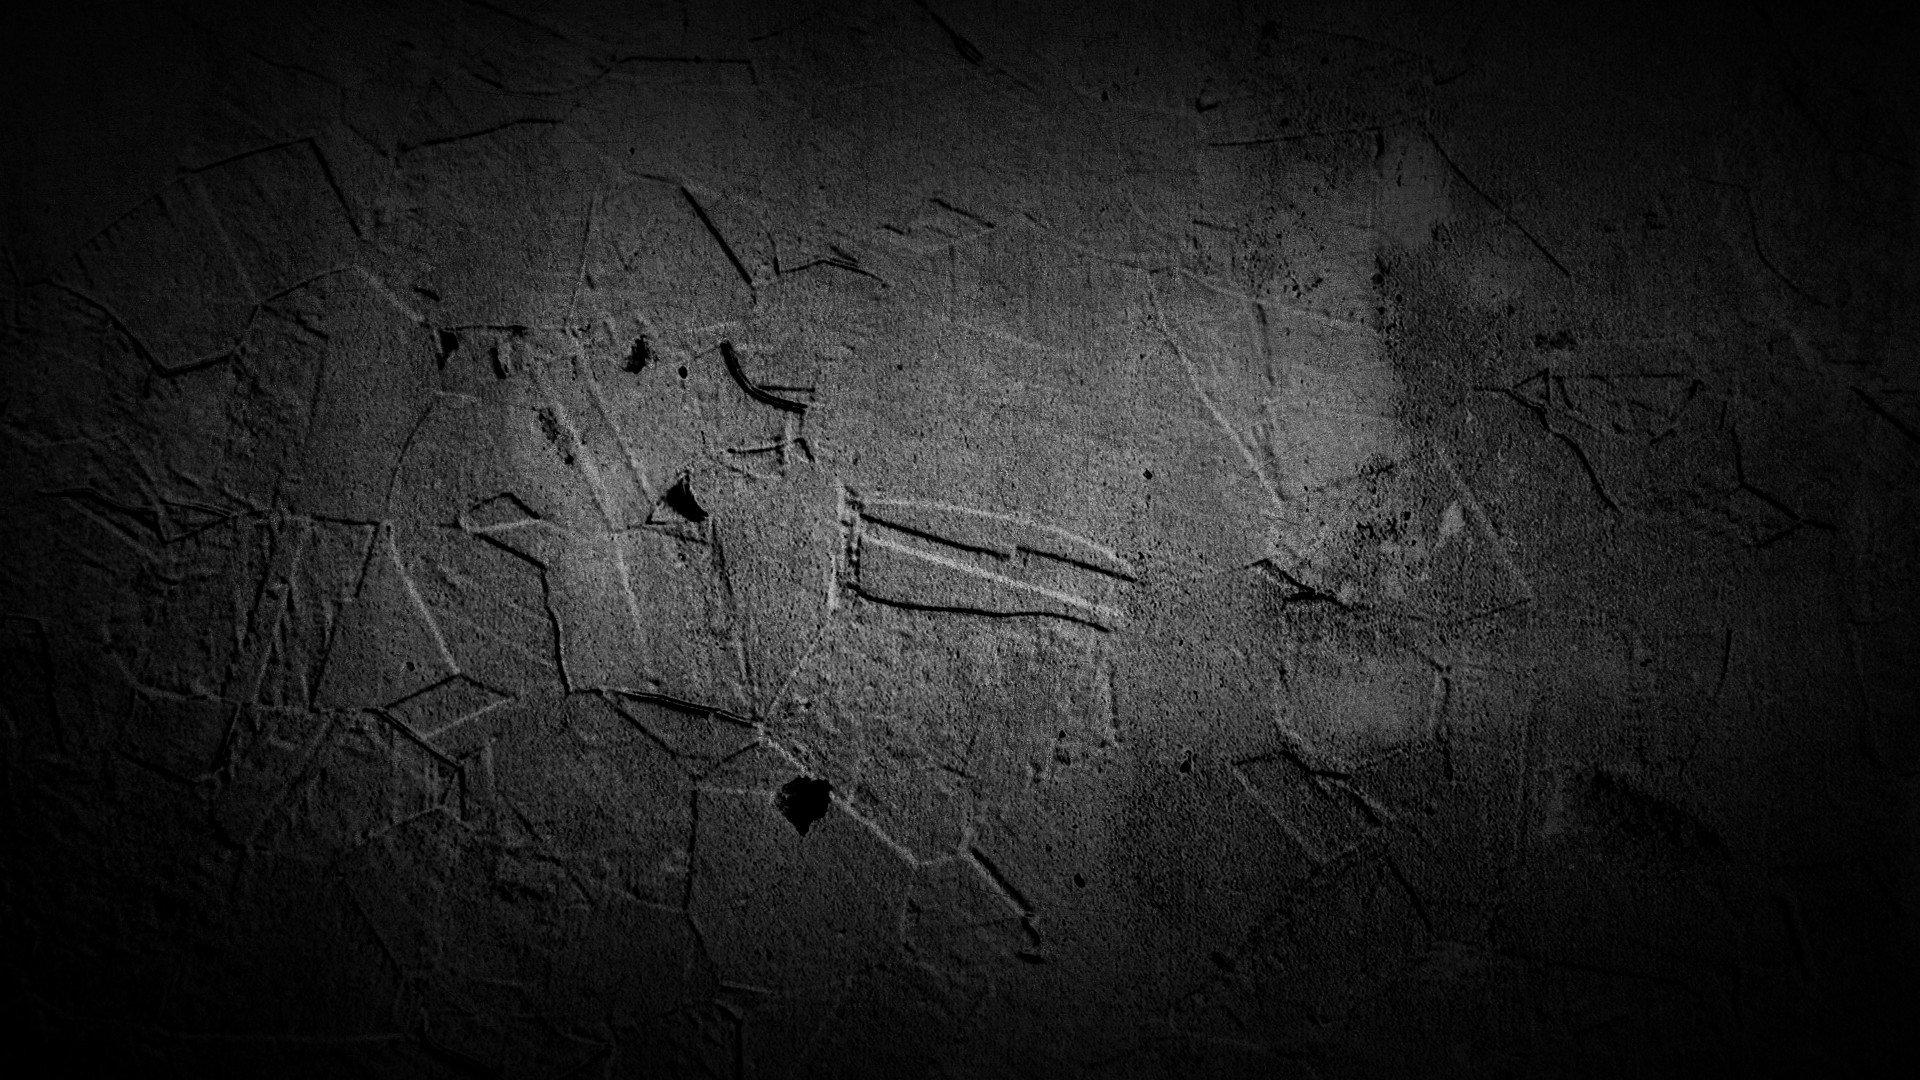 Wallpaper 1920x1080 px black grunge stones textures - White grunge background 1920x1080 ...